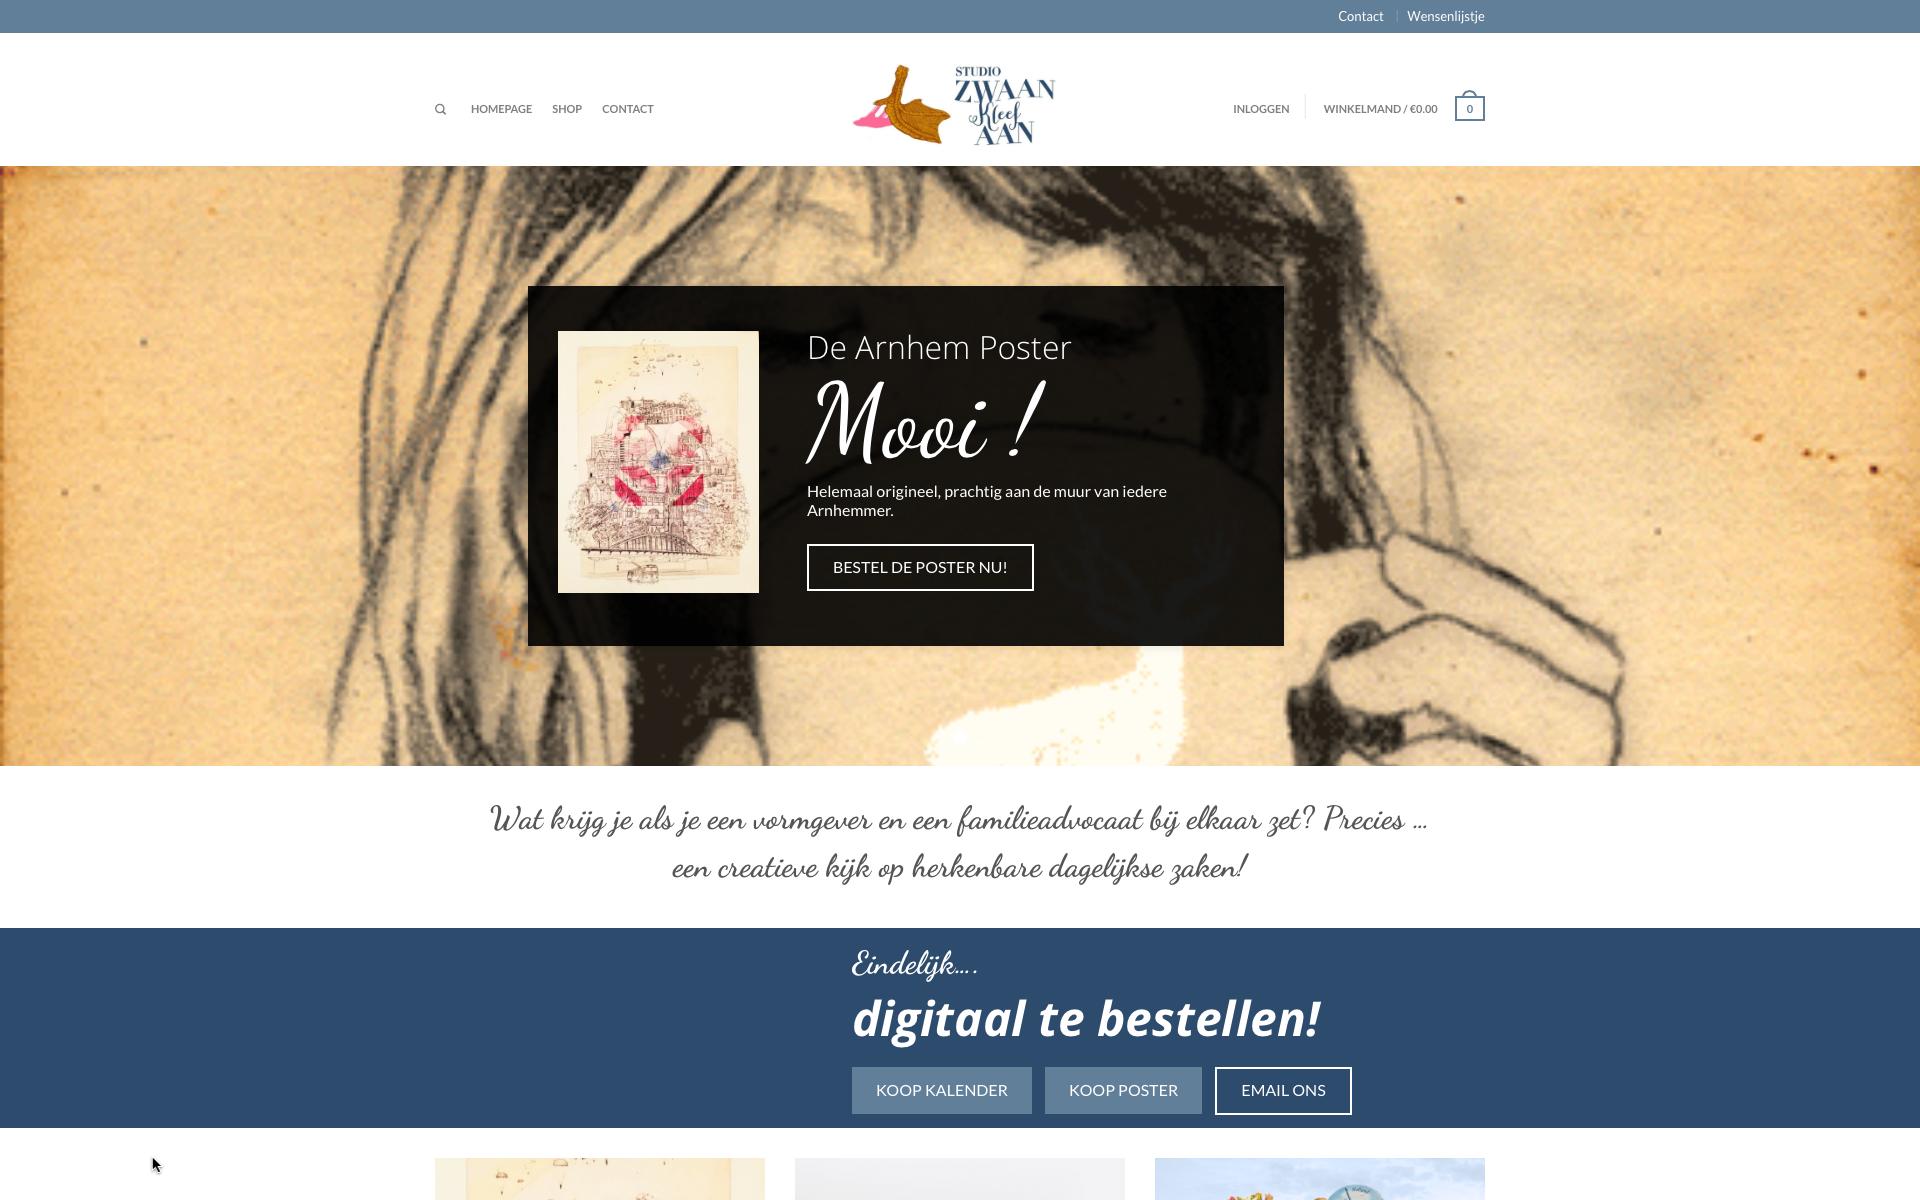 studiozwaankleefaan.nl